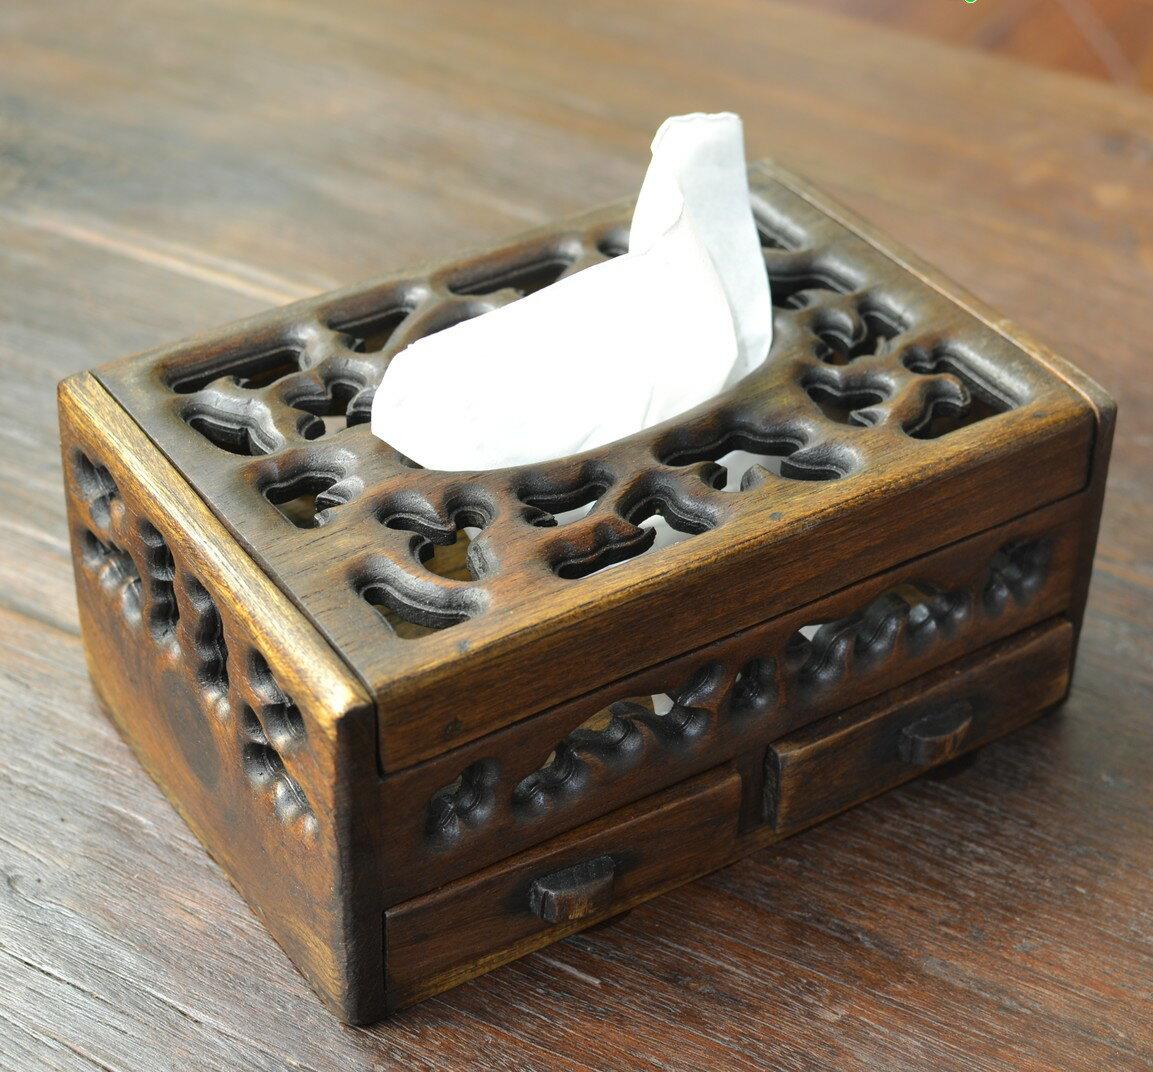 木質紙巾盒 儲物盒小抽屜 復古實用多功能收納盒 泰國進口